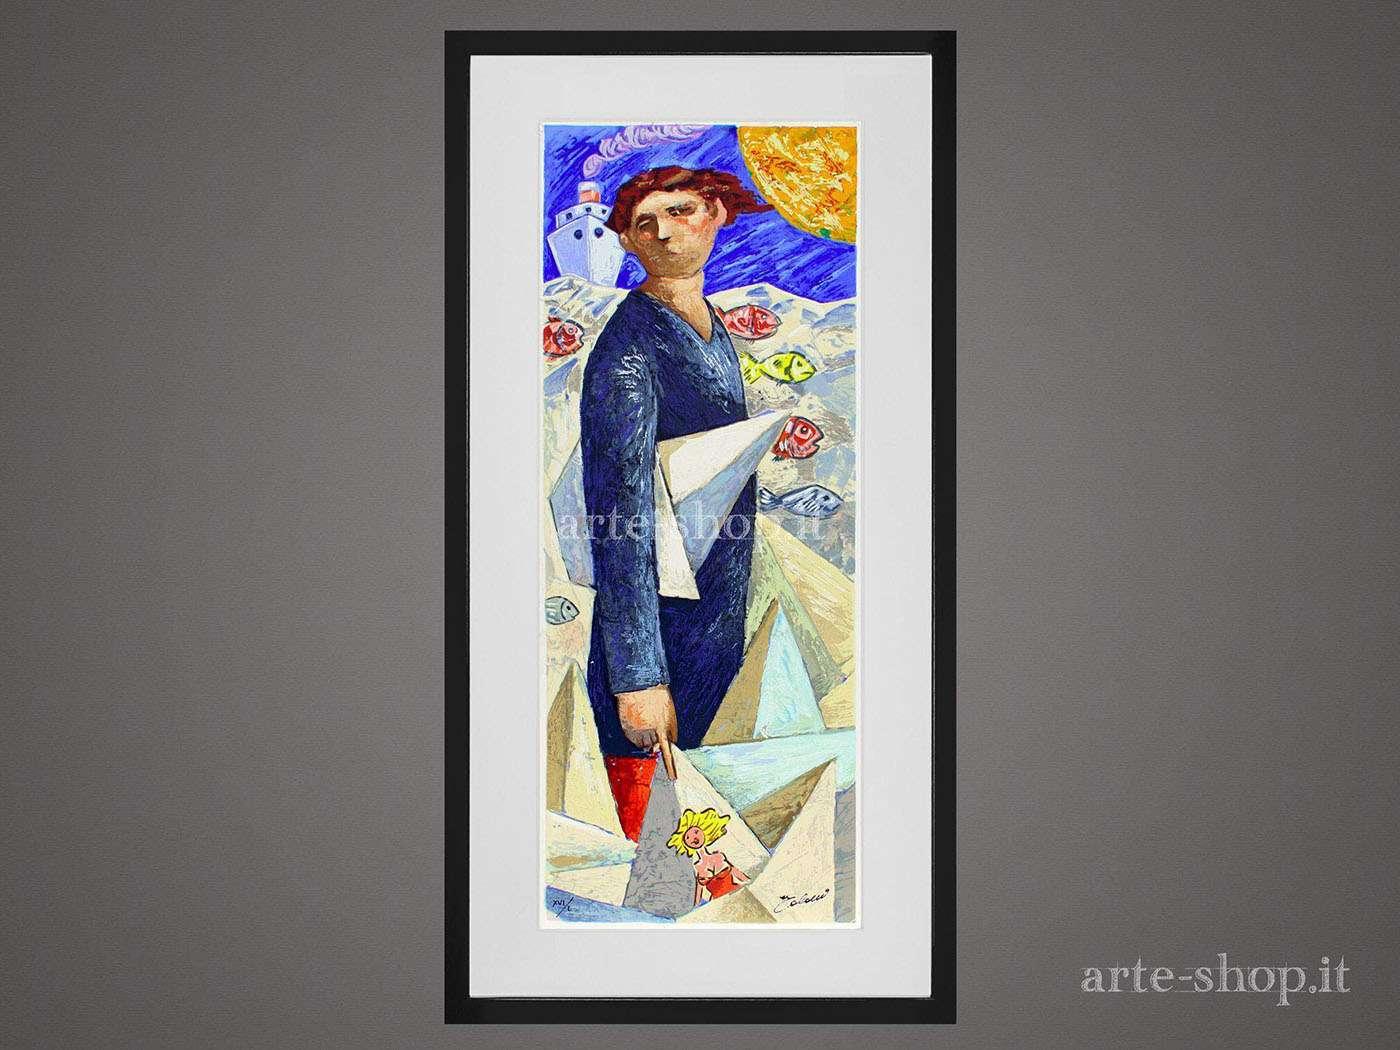 Serigrafia Giampaolo Talani - Le barche del viaggio: un uomo